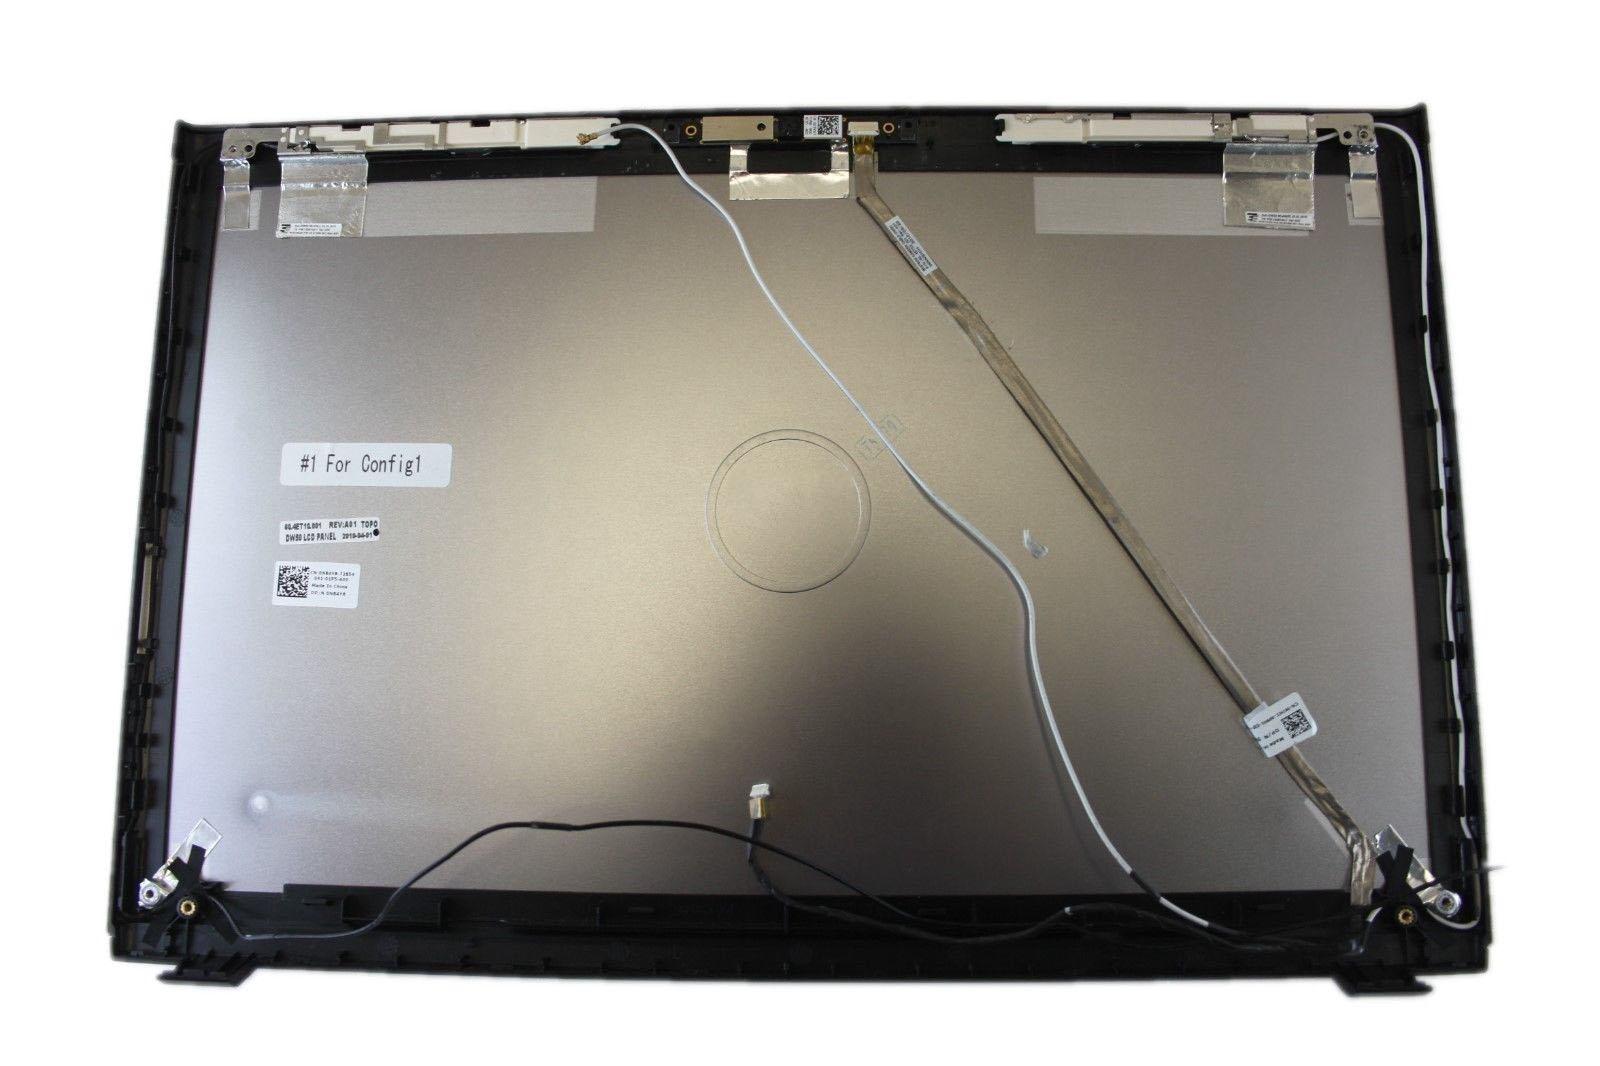 Genuine Dell Vostro 3500 Palmrest 0MR3GN MR3GN